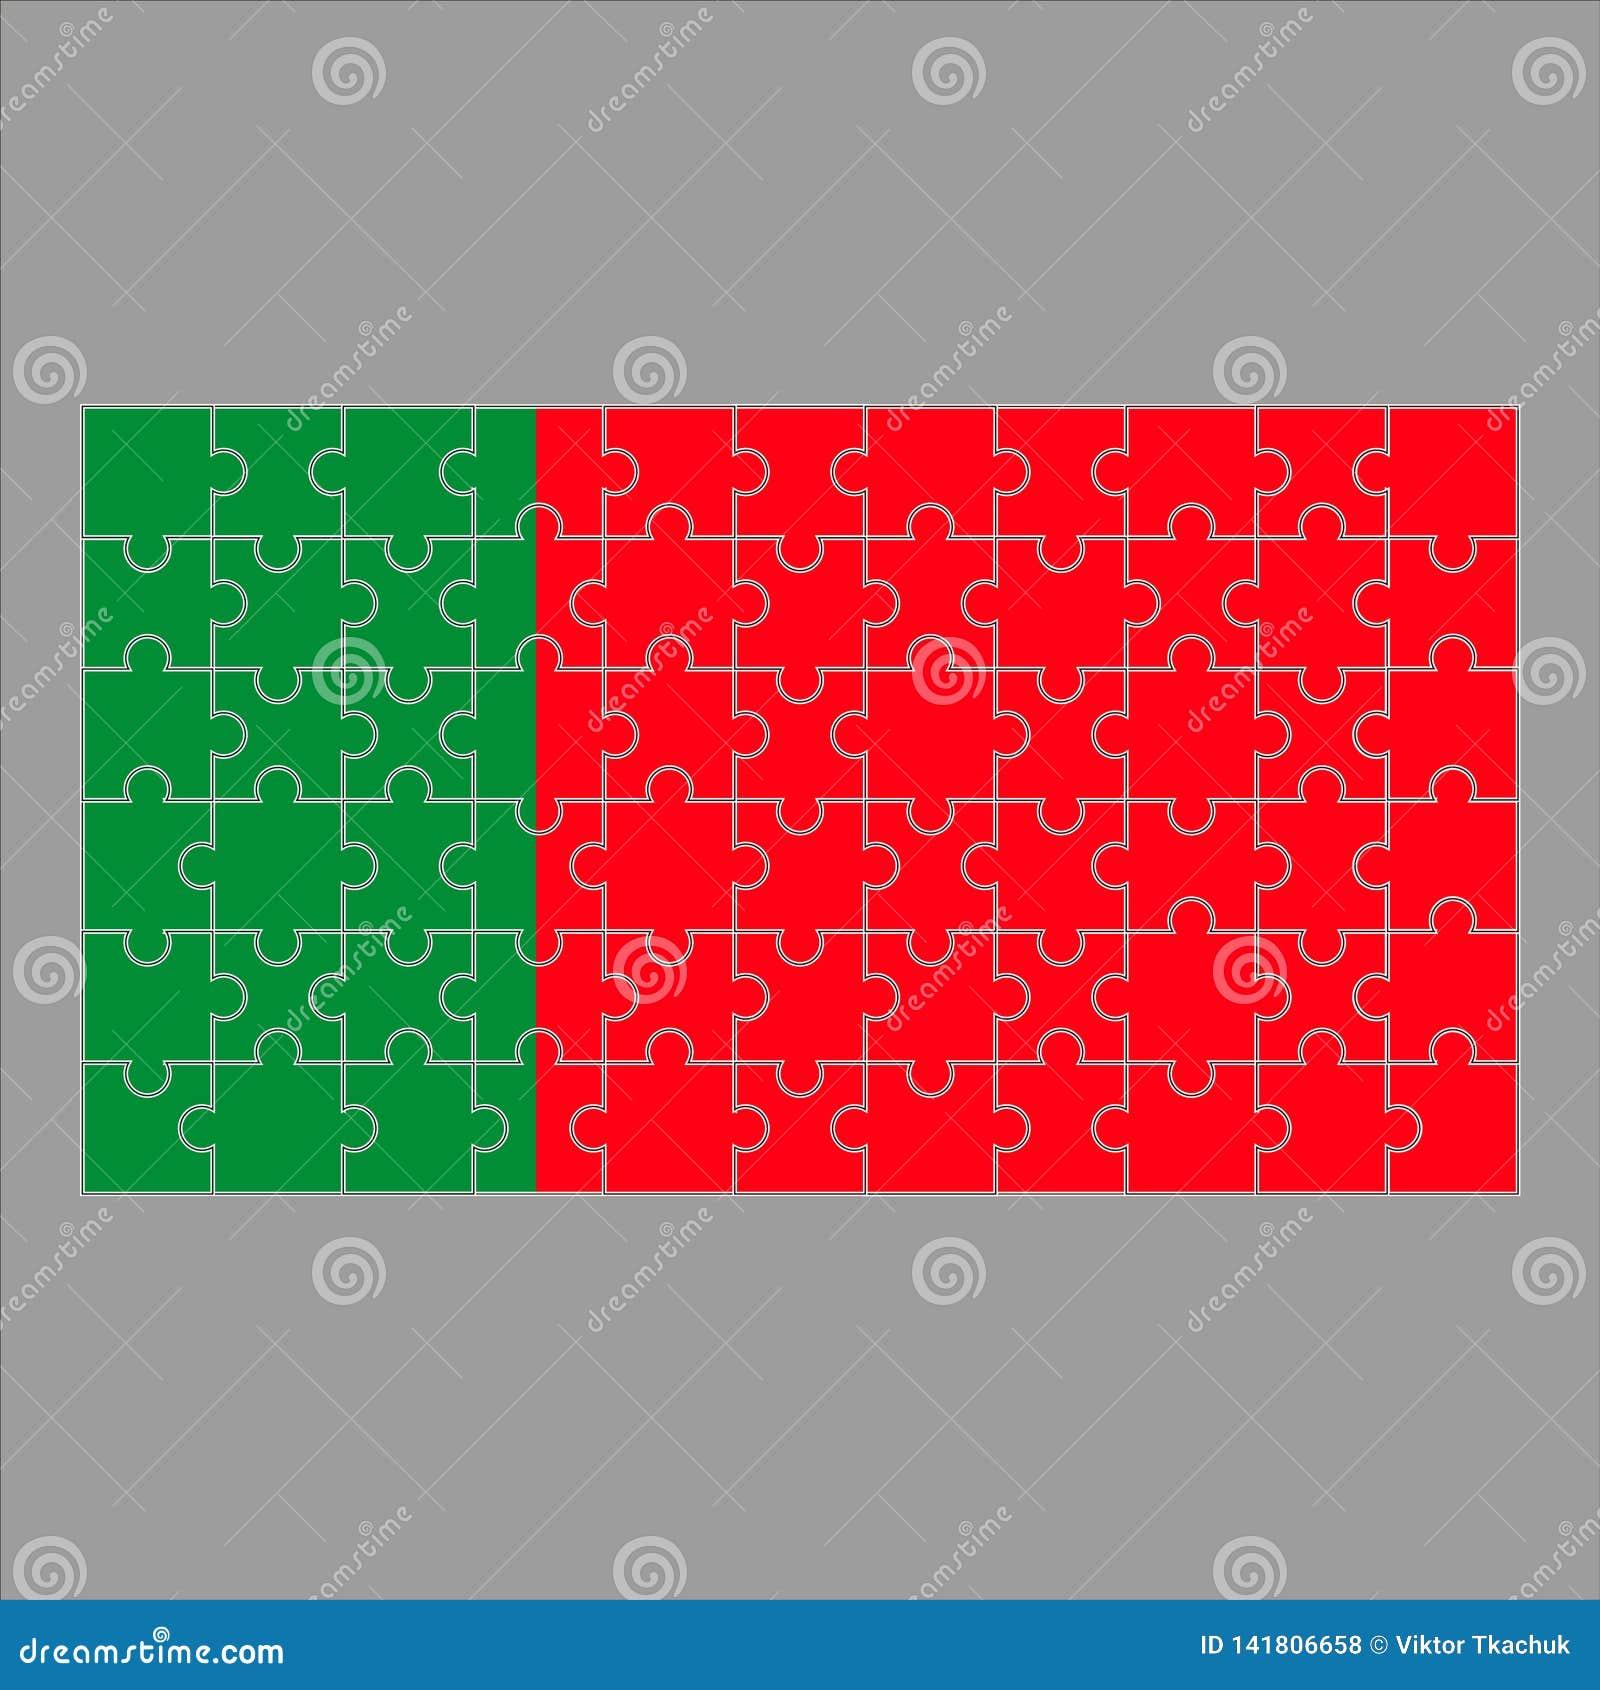 Bandera de Portugal del rompecabezas en un fondo gris